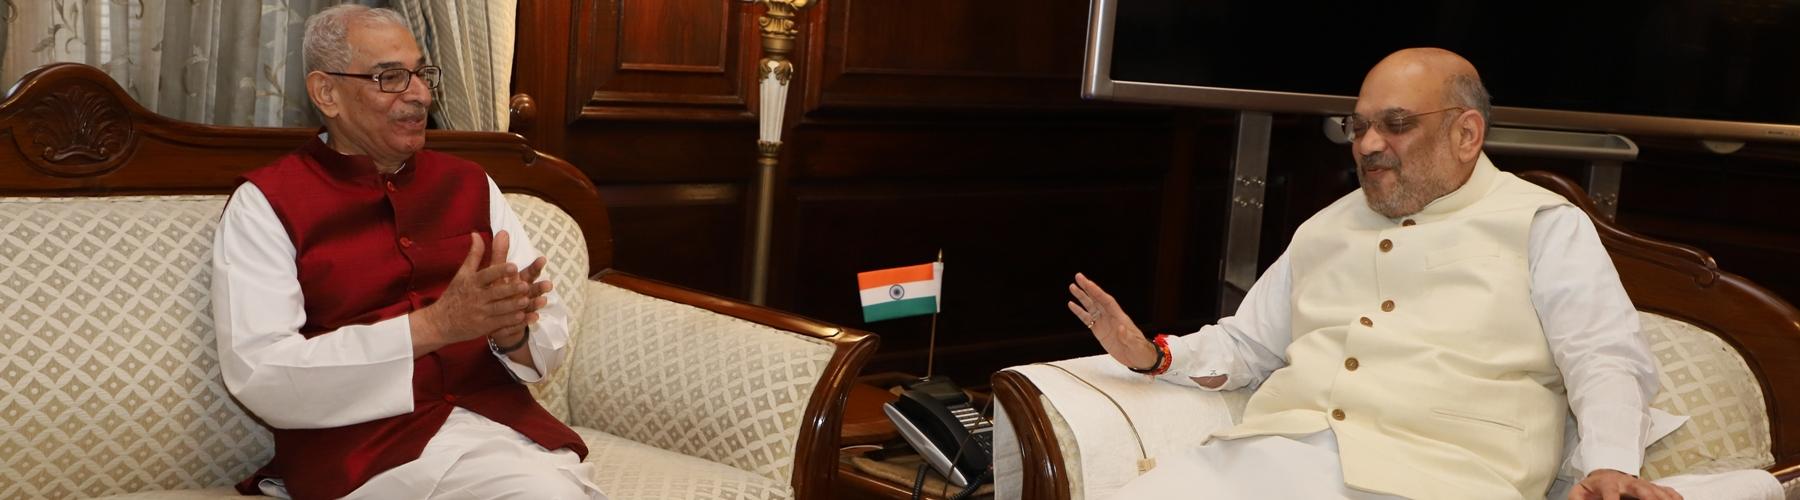 गुजरात के राज्यपाल श्री ओम प्रकाश कोहली दिनांक 11 जून 2019 को नई दिल्ली में केंद्रीय गृह मंत्री श्री अमित शाह से मुलाकात करते हुए